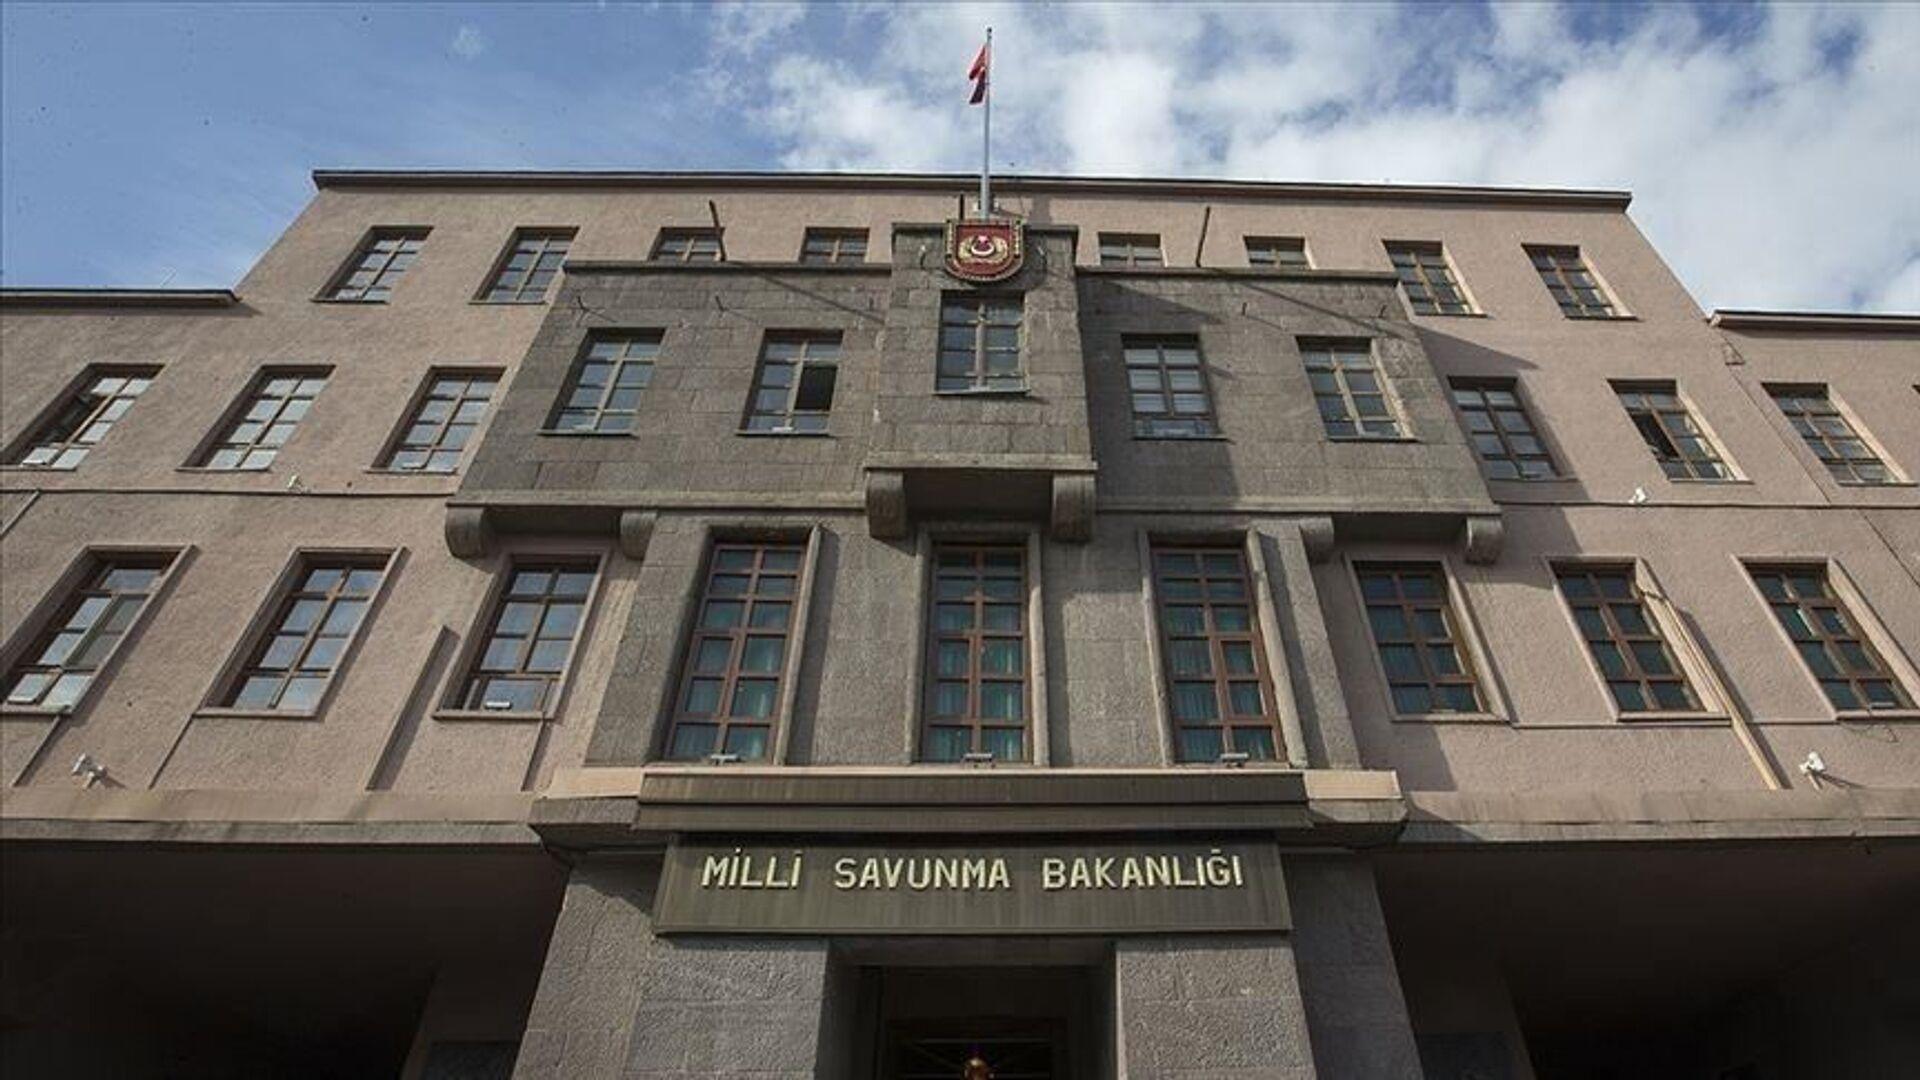 Milli Savunma Bakanlığı - Sputnik Türkiye, 1920, 26.07.2021